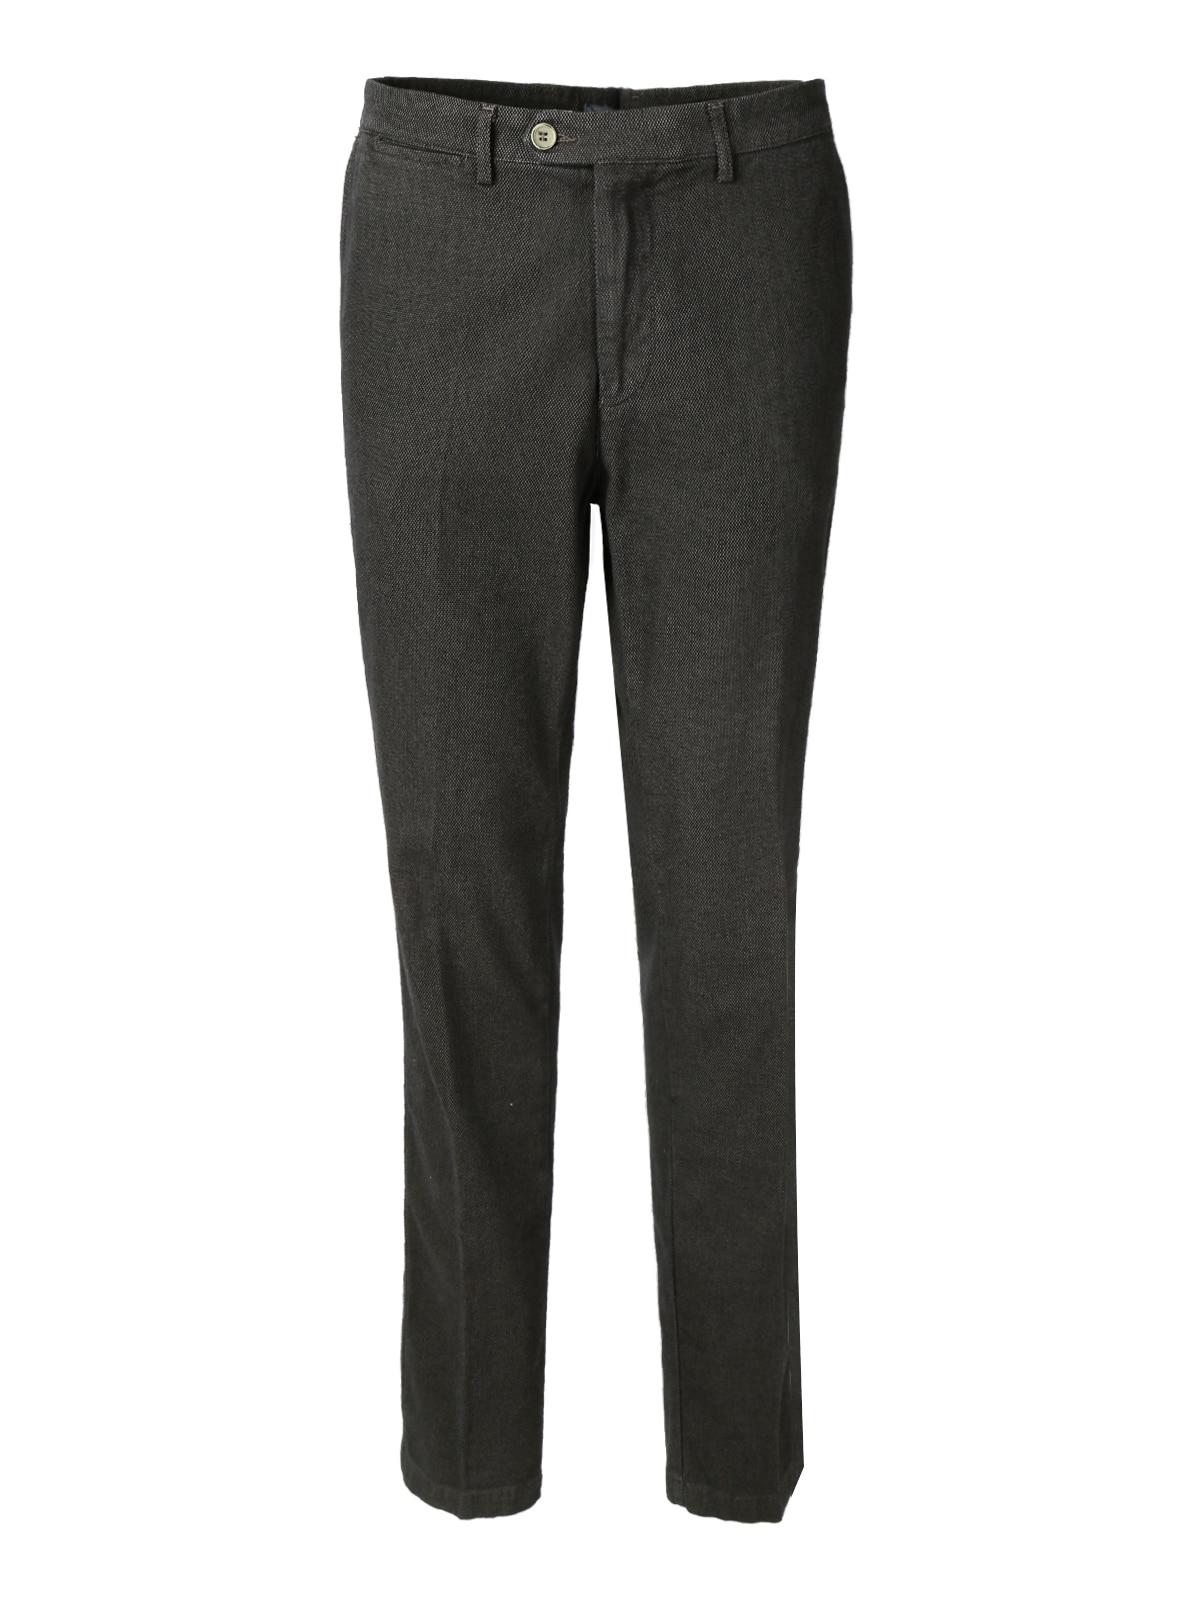 Textured Pants Black/beige